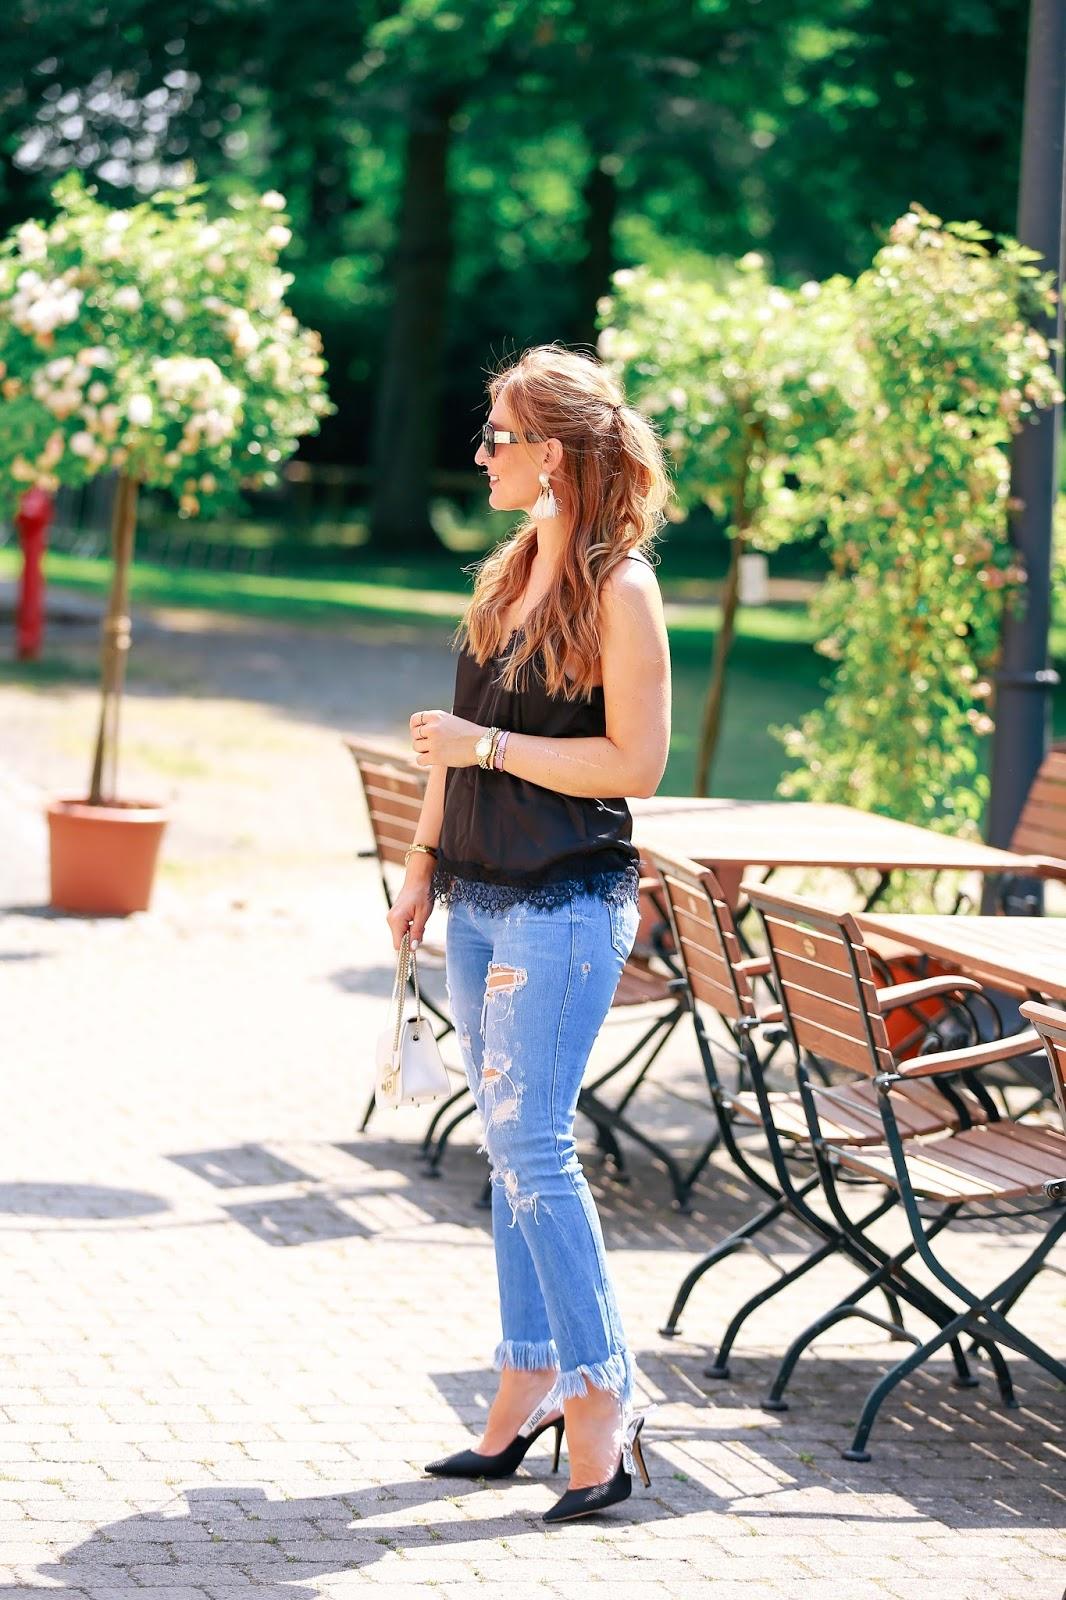 Fashionblogger-aus-deutschland-sommer-style-blogger